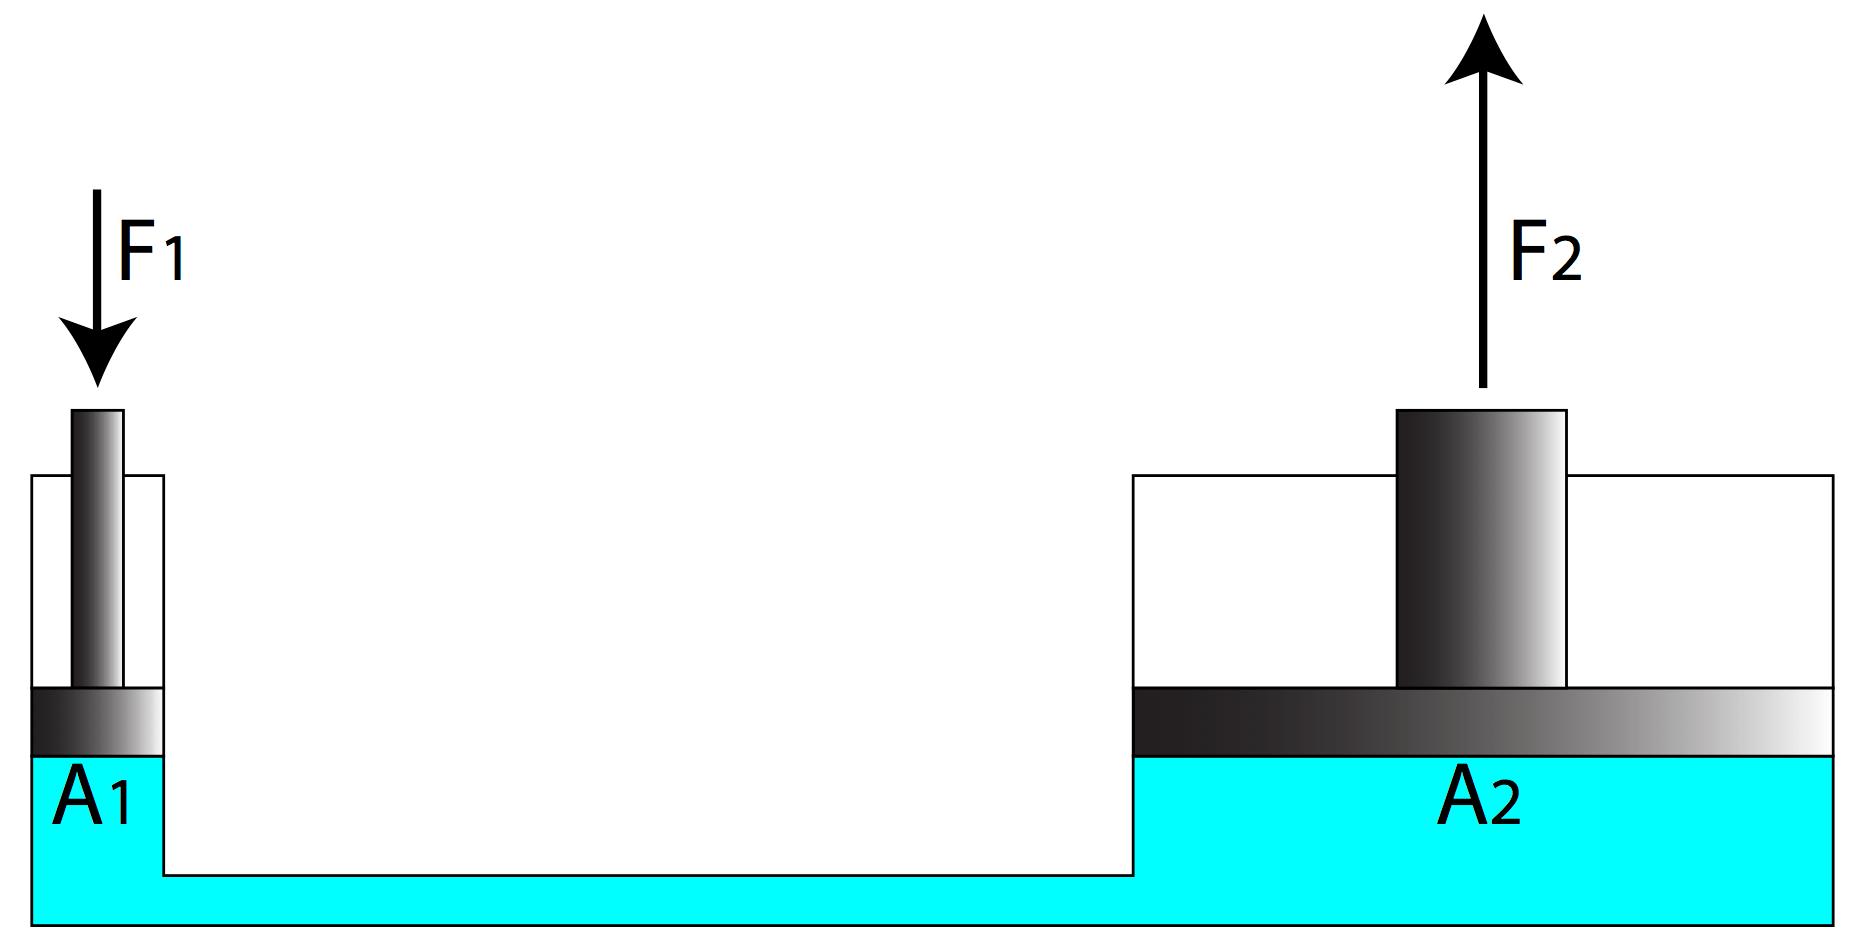 Worksheet On Finding Density